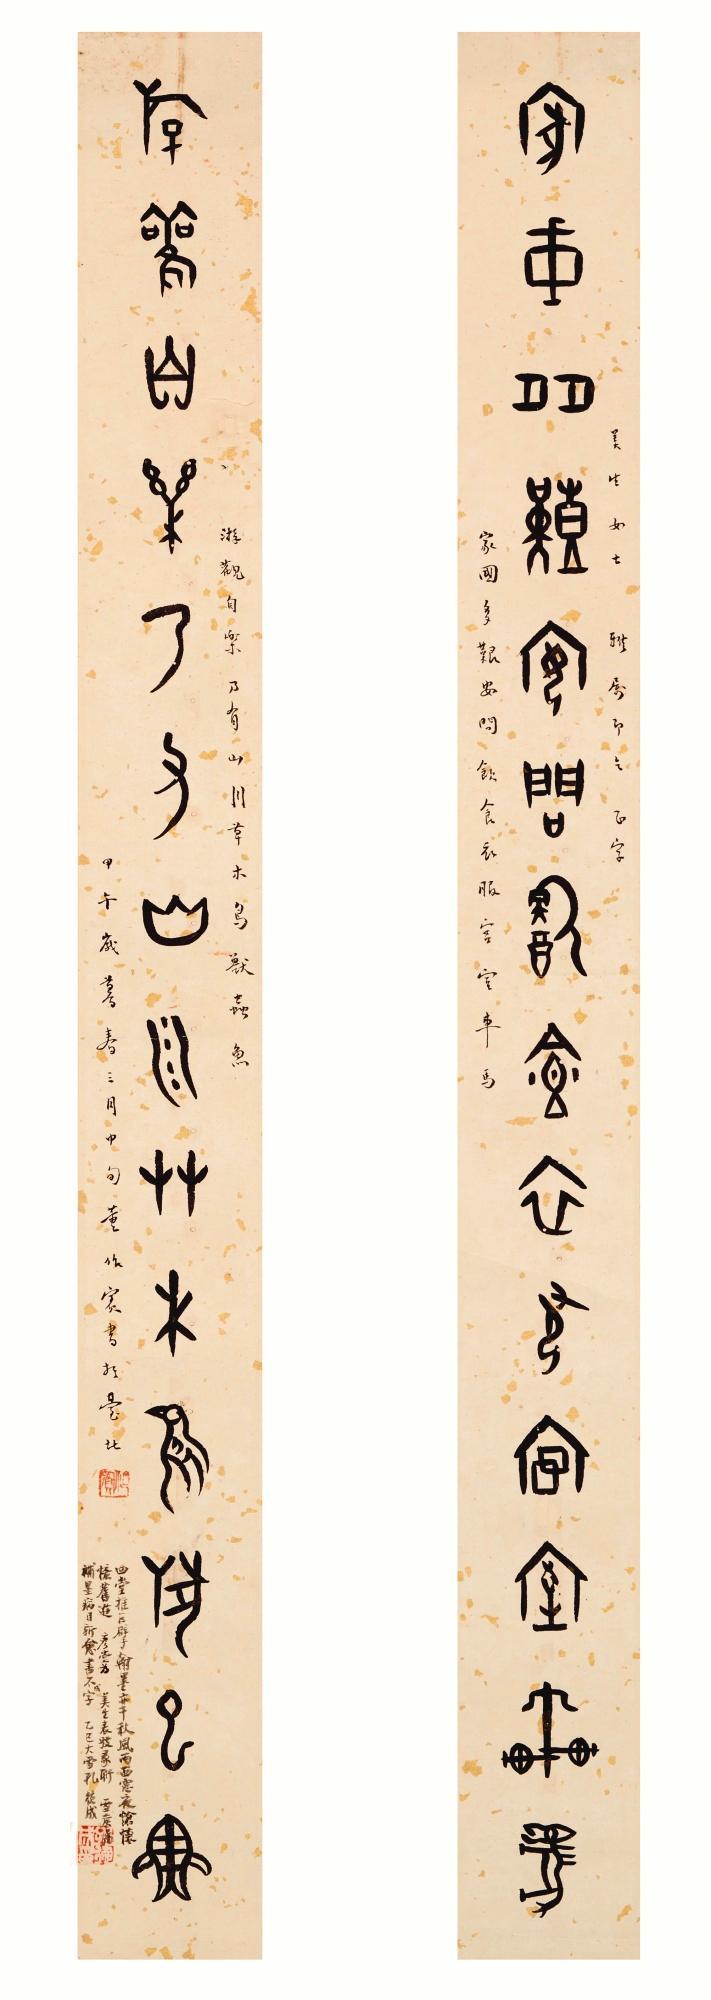 DONG ZUOBIN (1895-1963) | Calligraphy Couplet in Jiaguwen